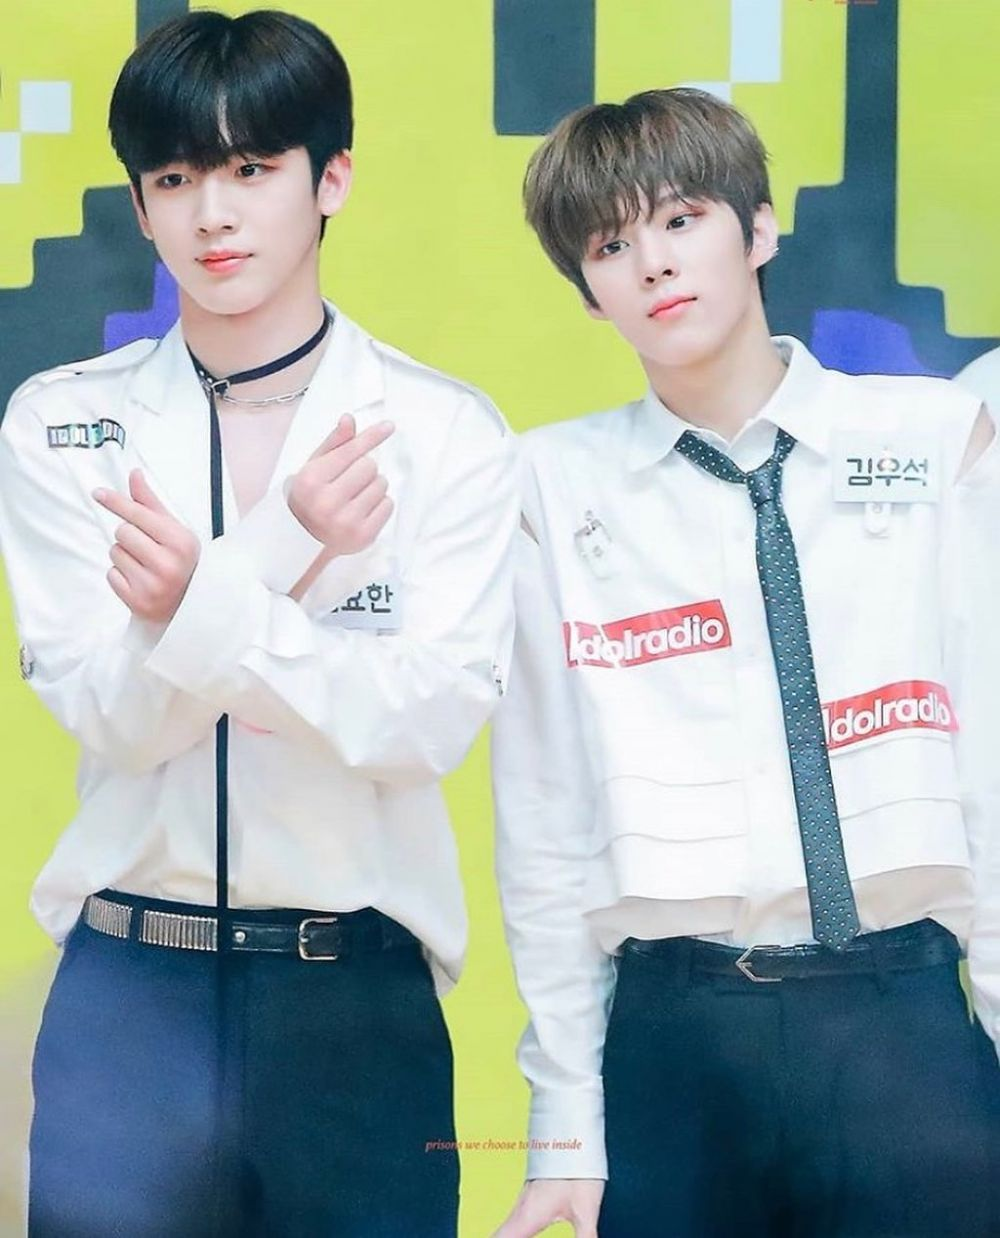 Sempat Bersaing Merebut Posisi Center Produce X 101, Inilah 10 Foto Kedekatan Kim Yoo Han dan Kim Woo Seok X1 5